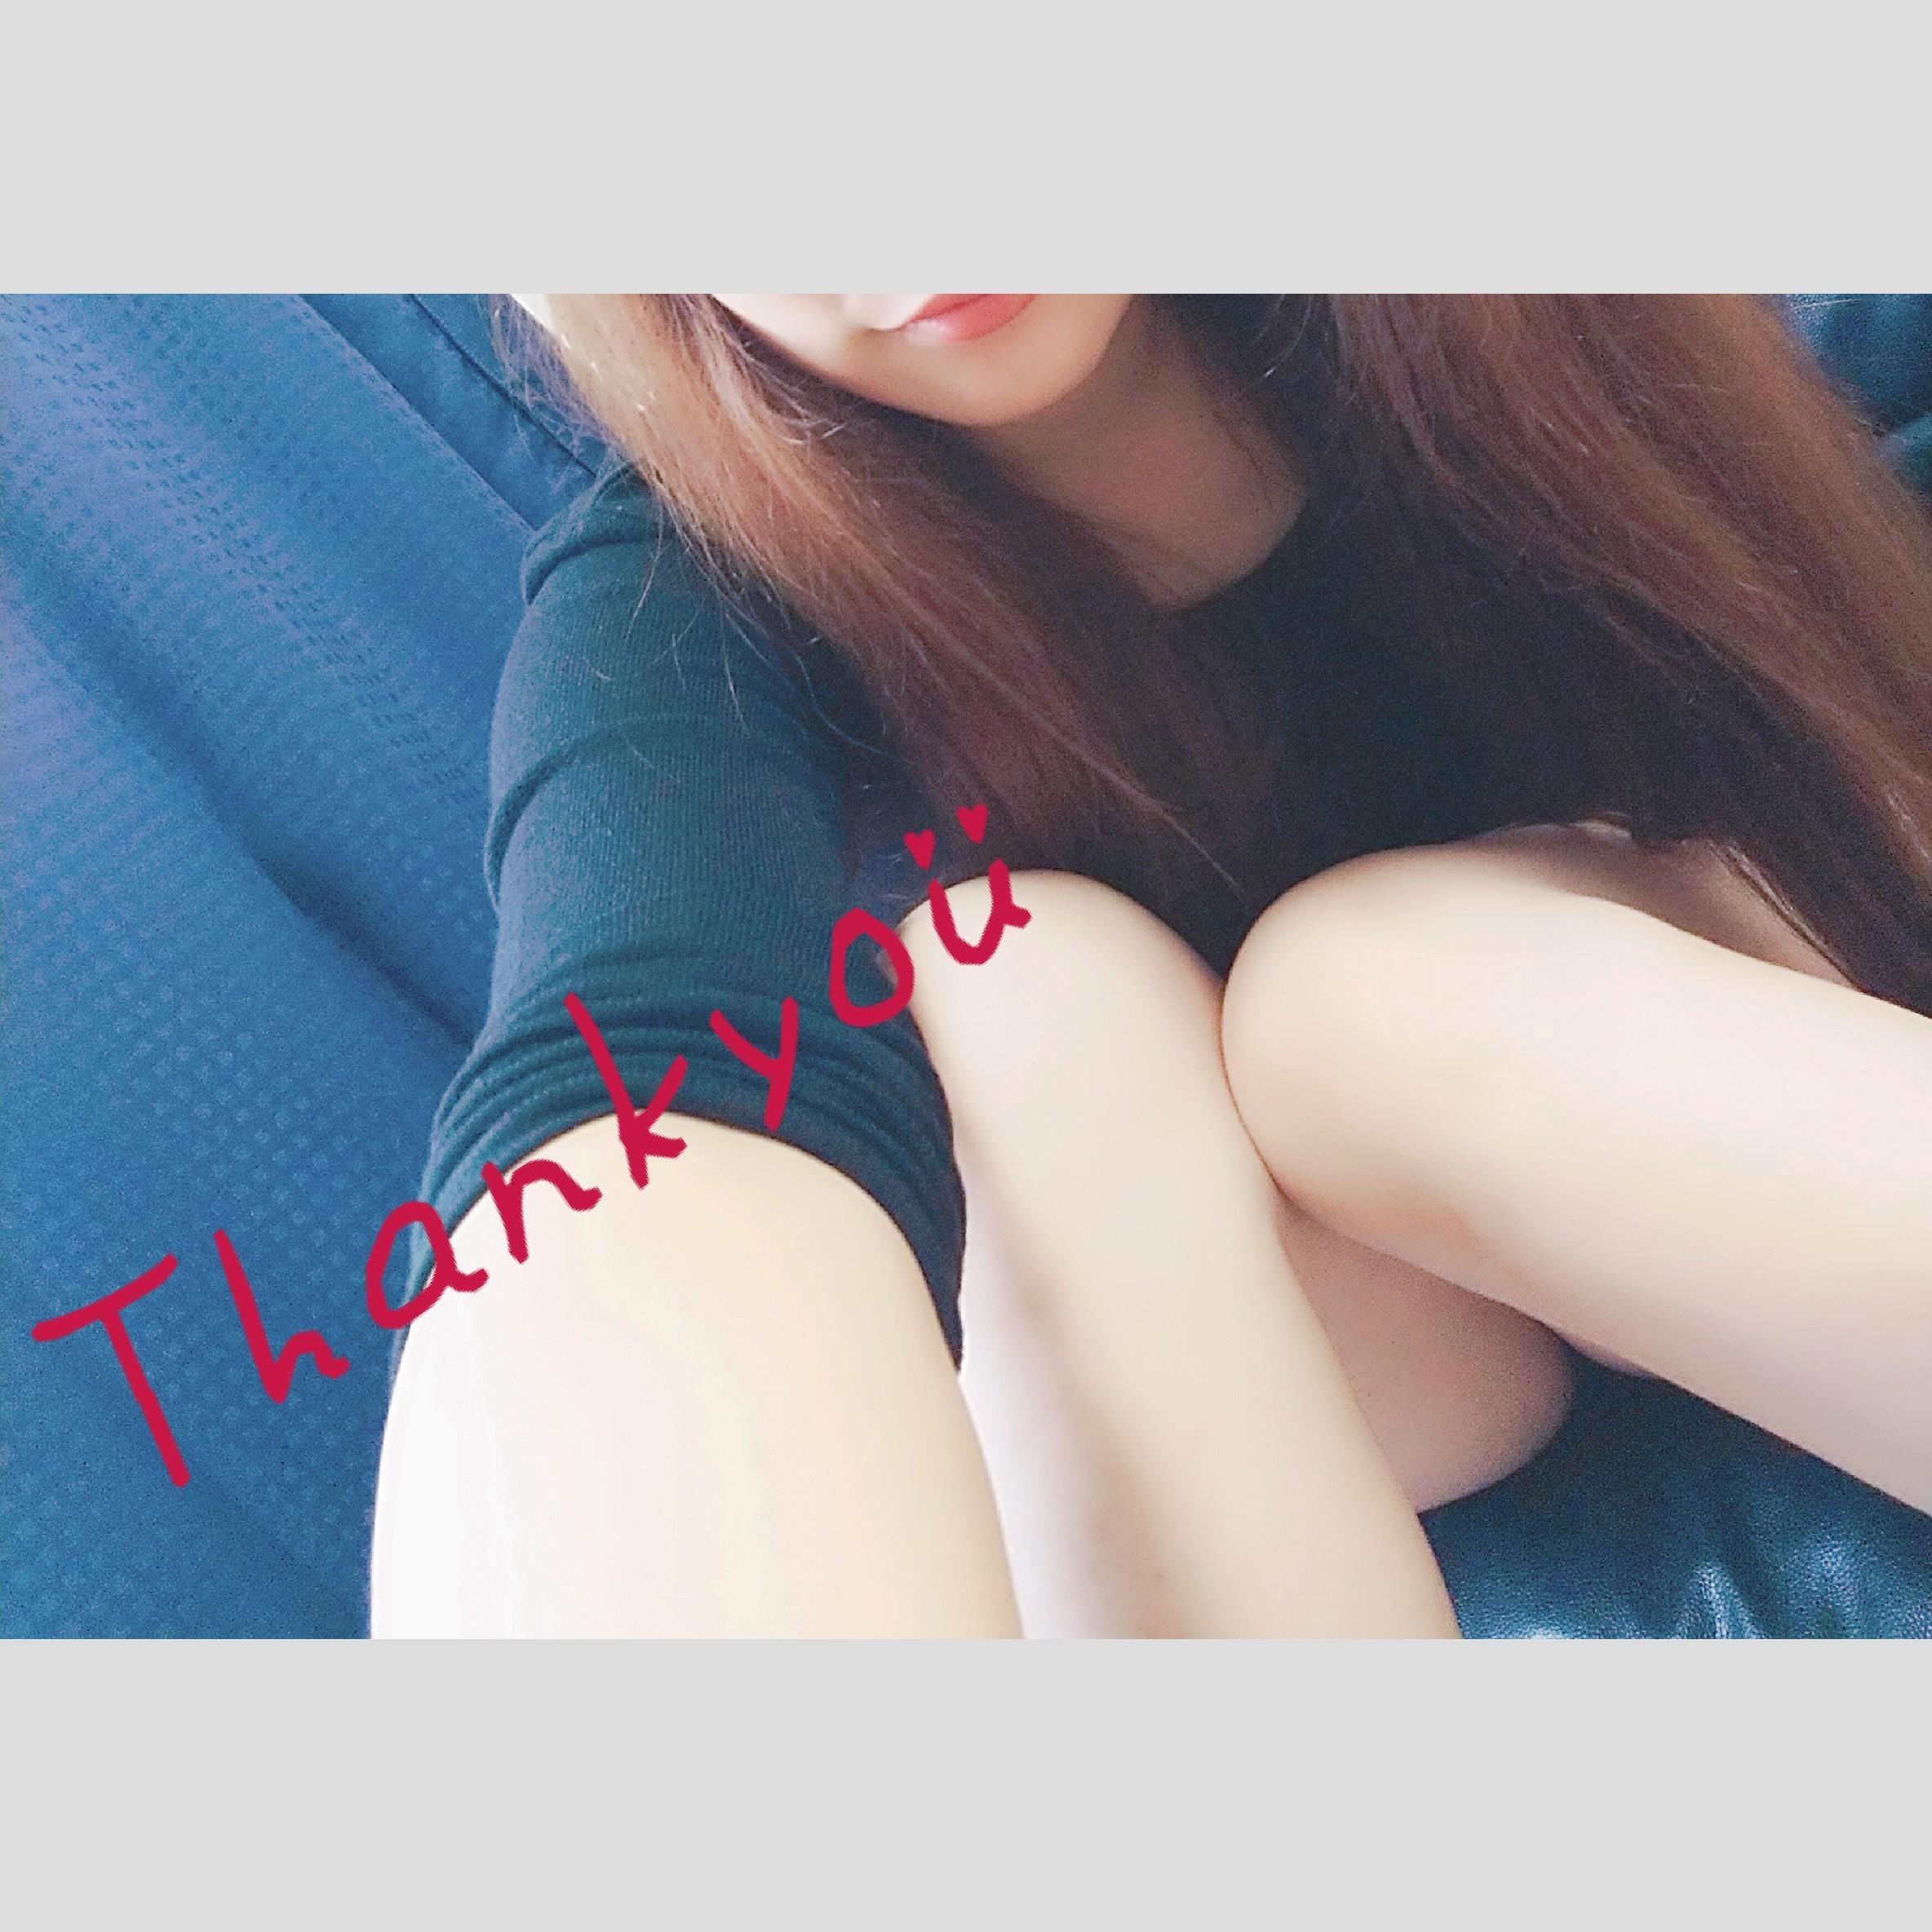 「♡お礼です♡」09/15日(土) 20:10 | マユの写メ・風俗動画